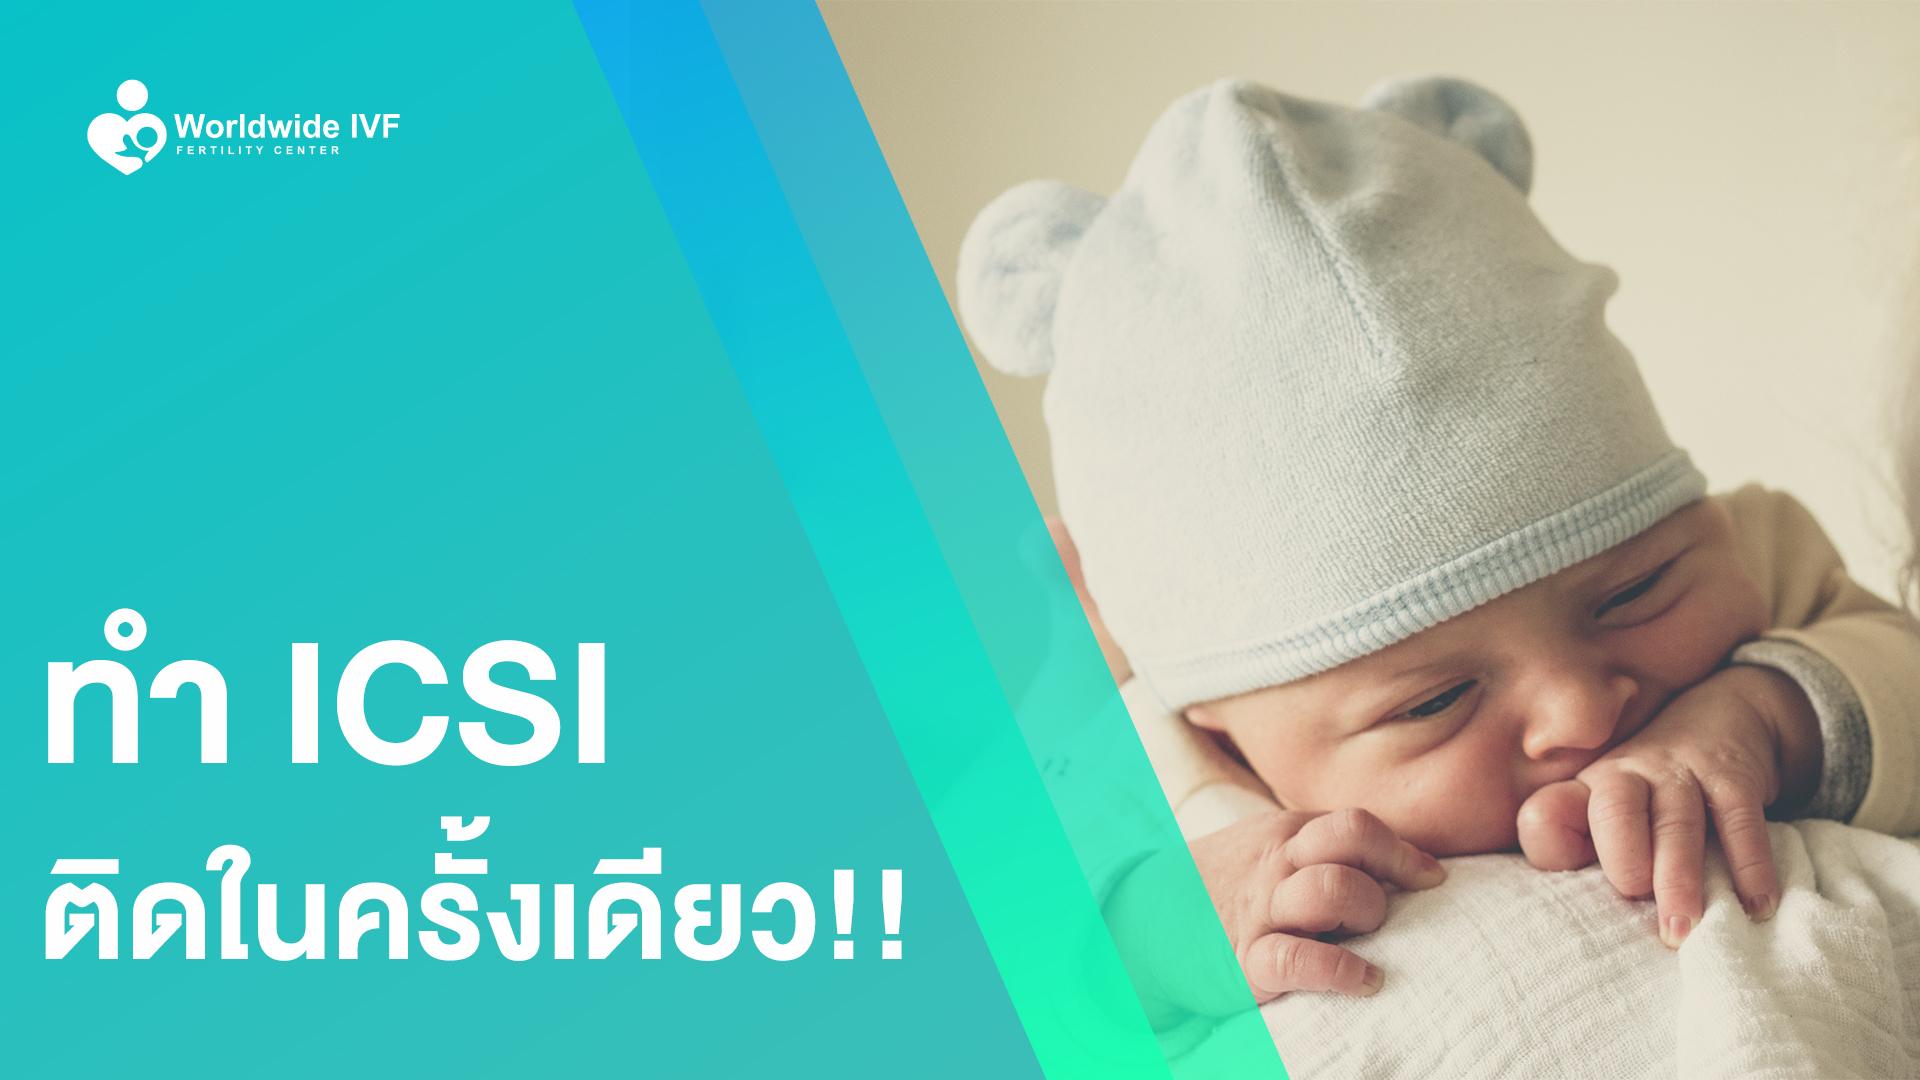 ทำ ICSI ติดในครั้งเดียว ทำอย่างไรให้ติดเร็วๆ เคล็ดลับเพิ่มโอกาสการมีลูก